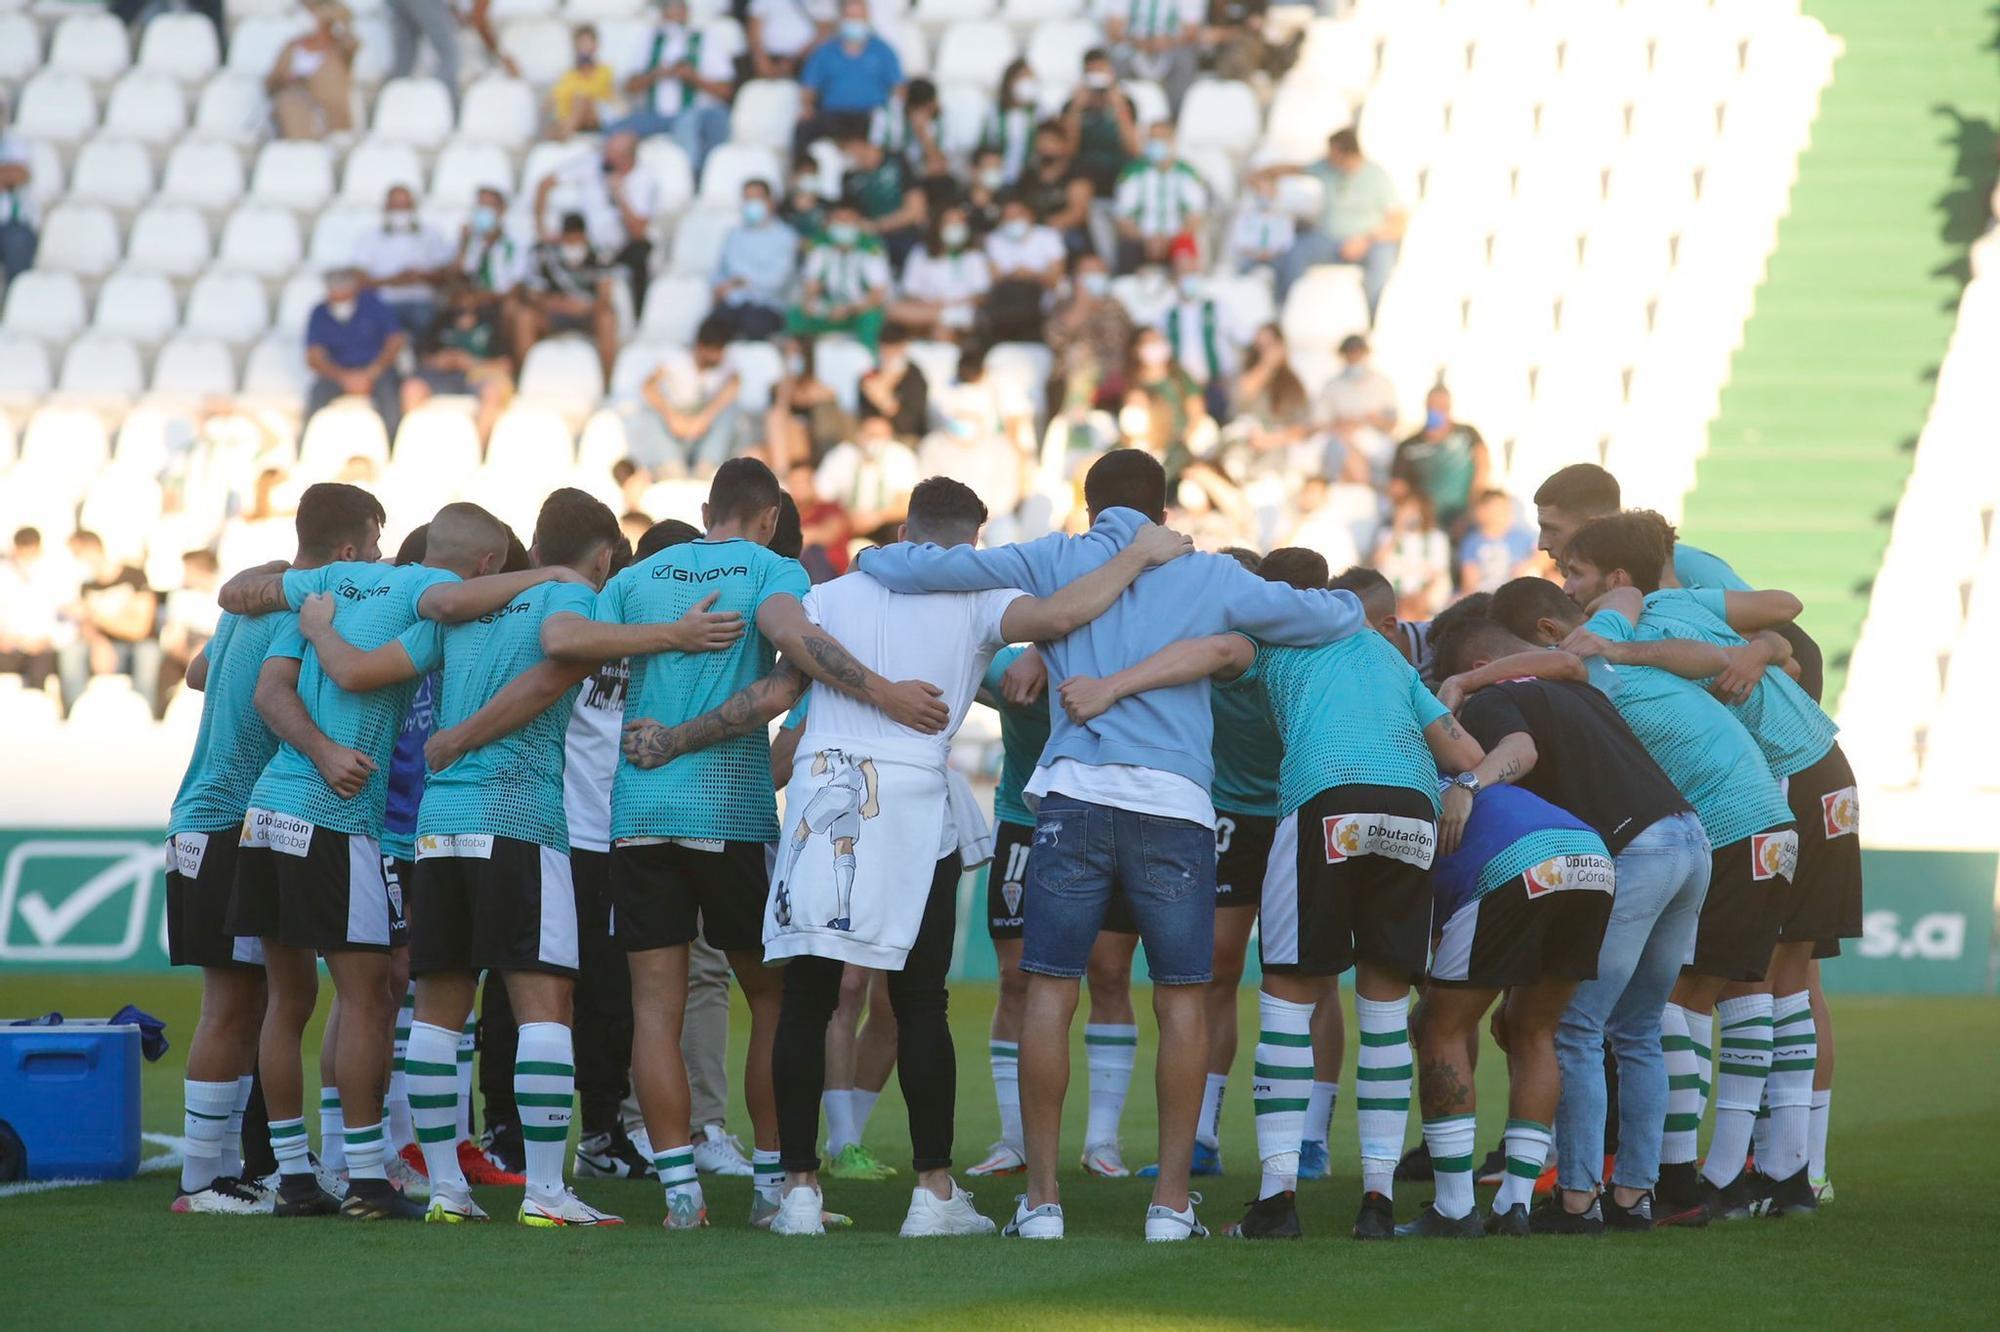 Los jugadores del Córdoba CF hacen piña antes del inicio del partido.